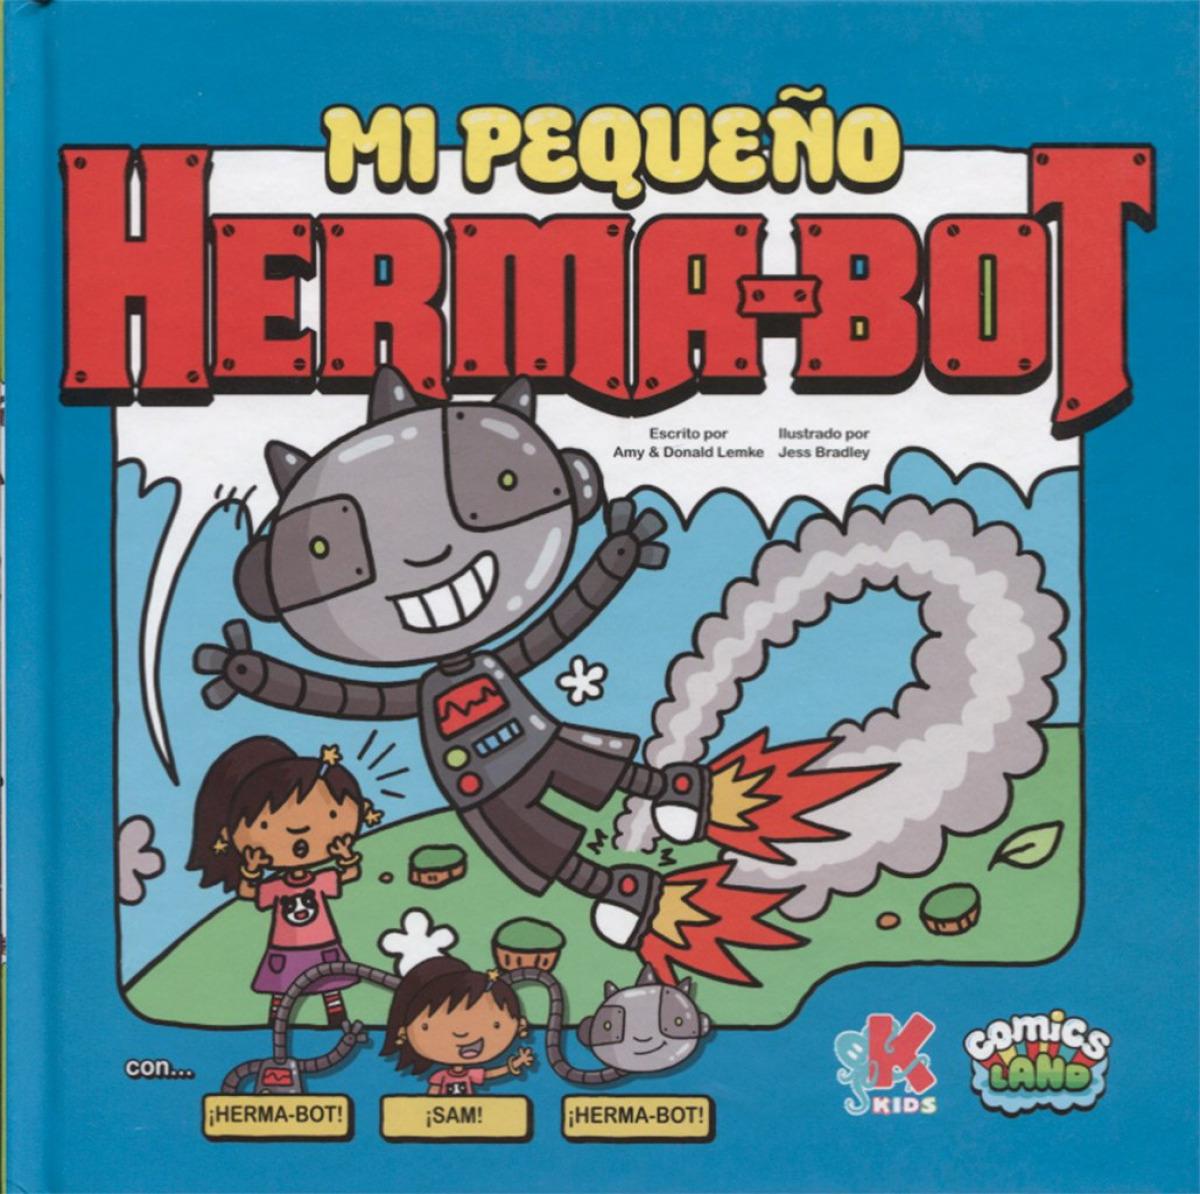 MI PEQUEÑO HERMABOT